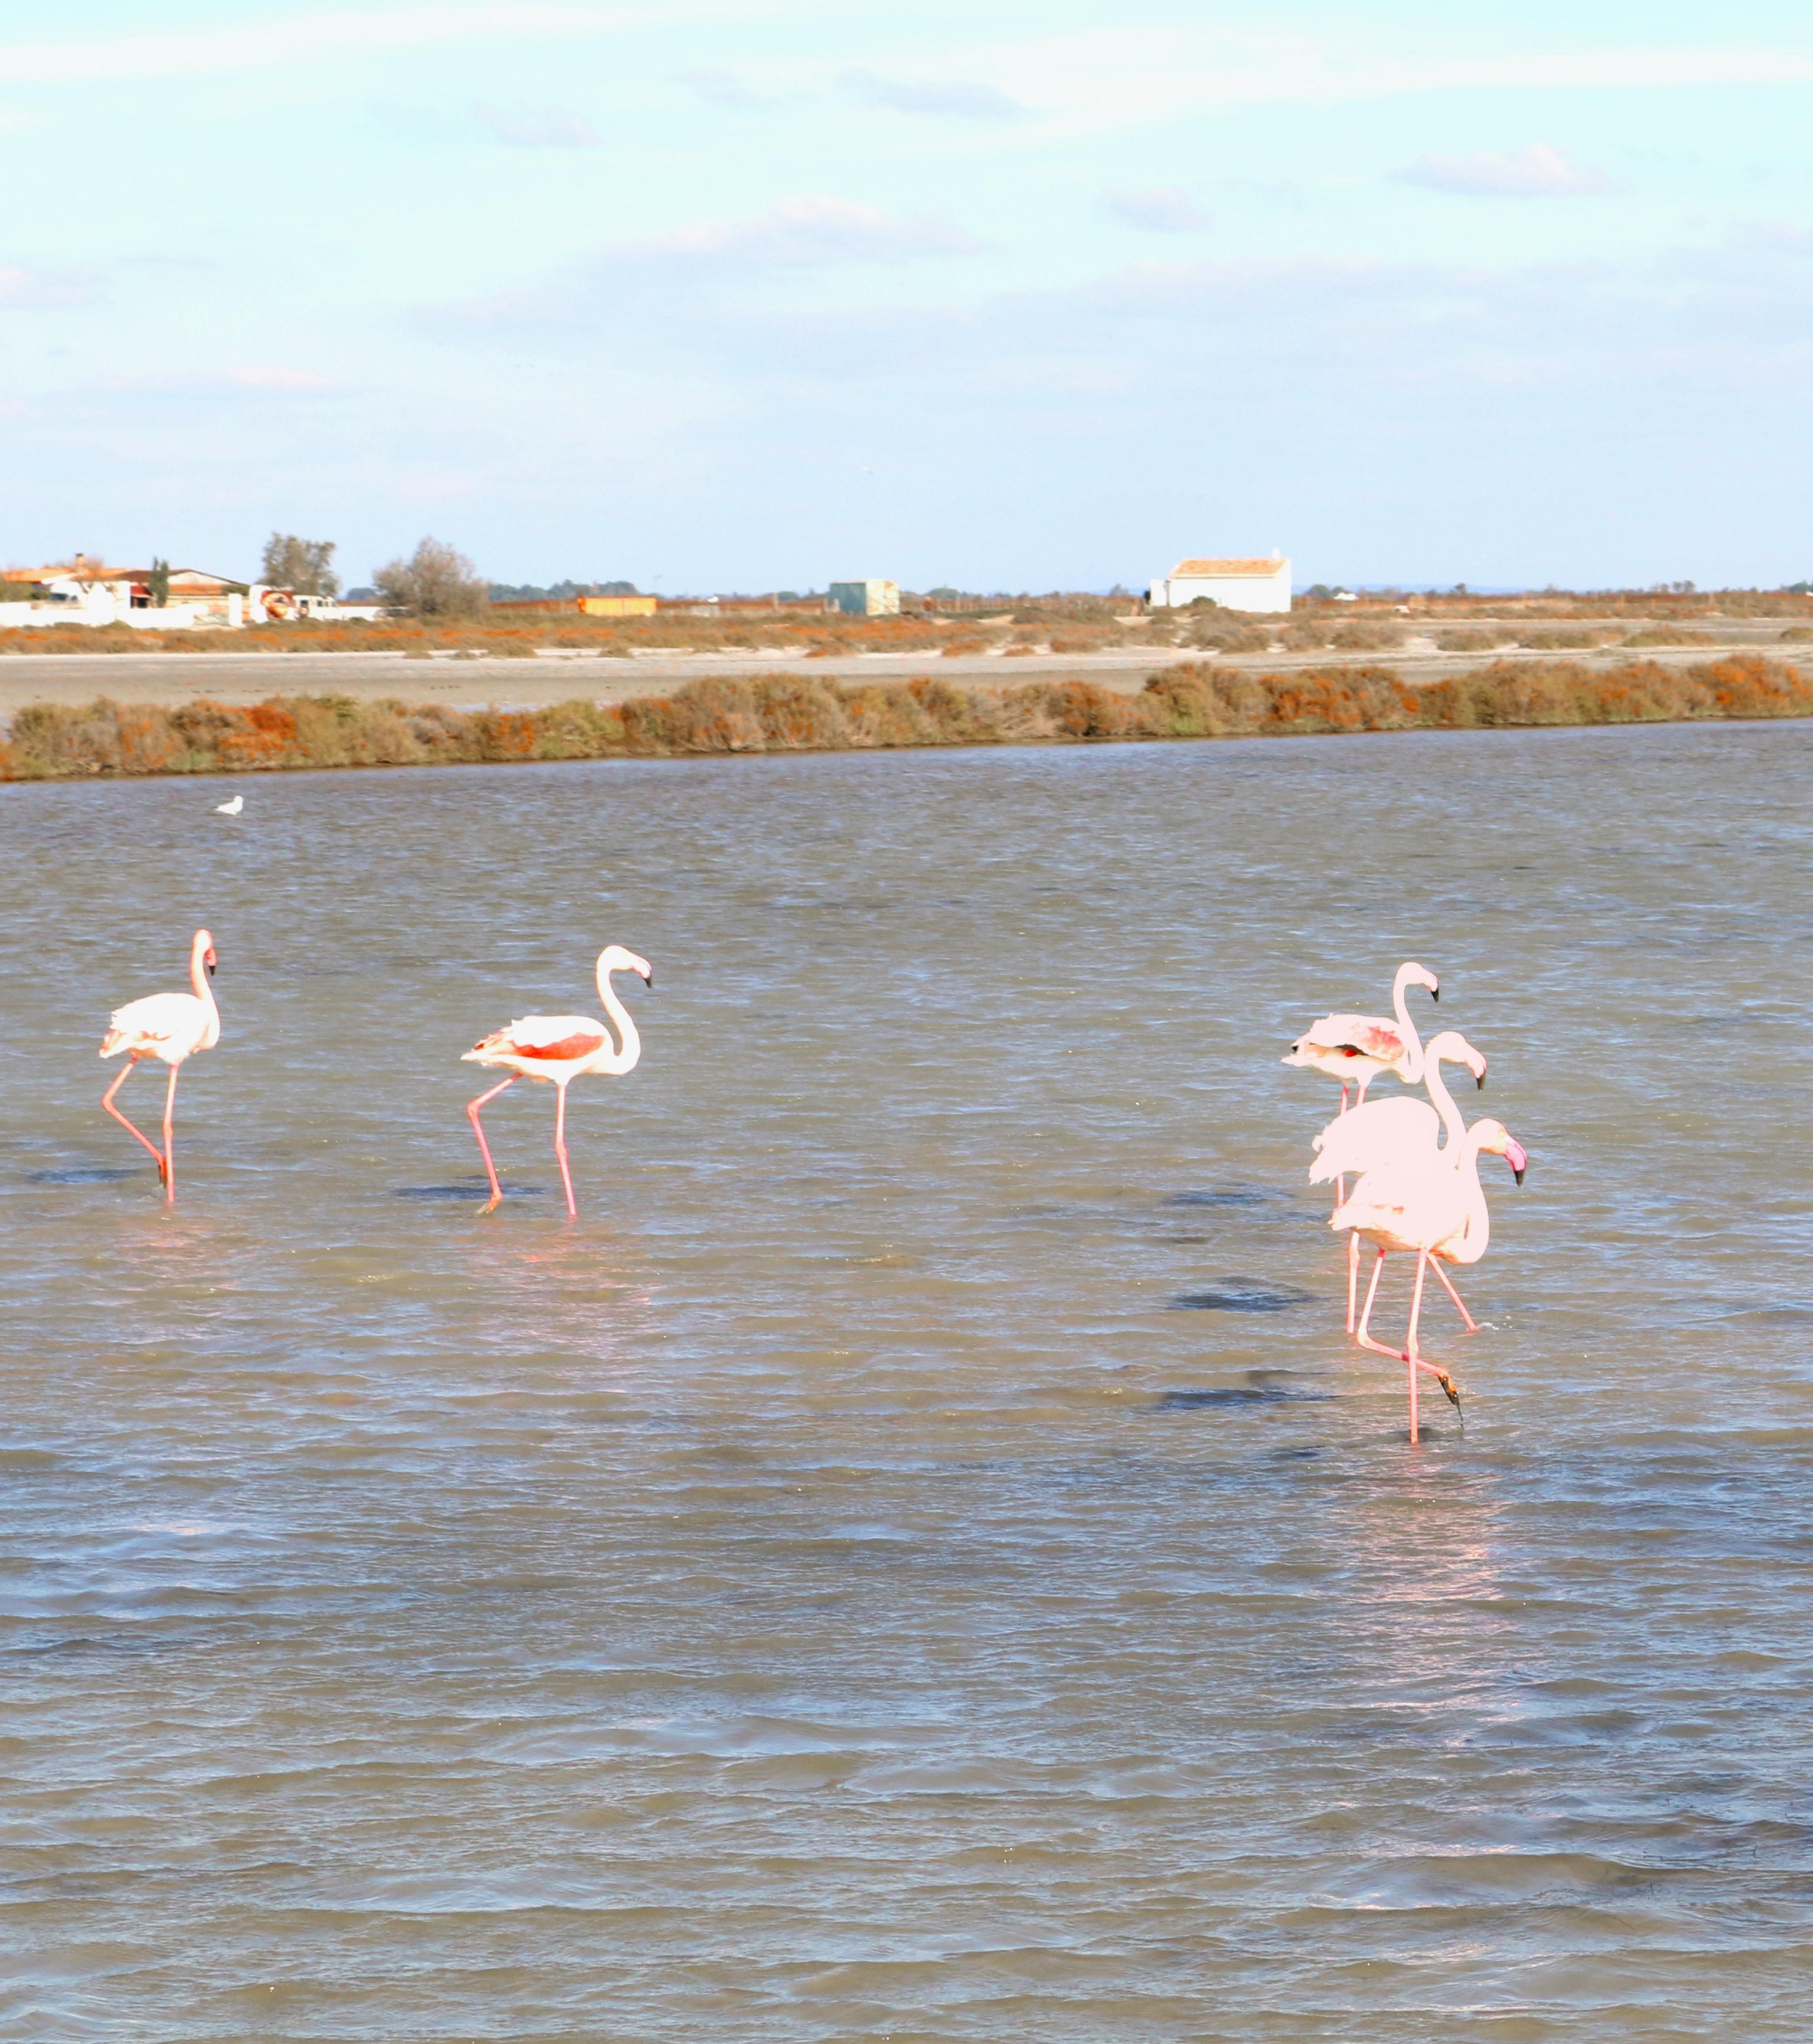 Beeindruckend: Flamingos in freier Wildbahn.